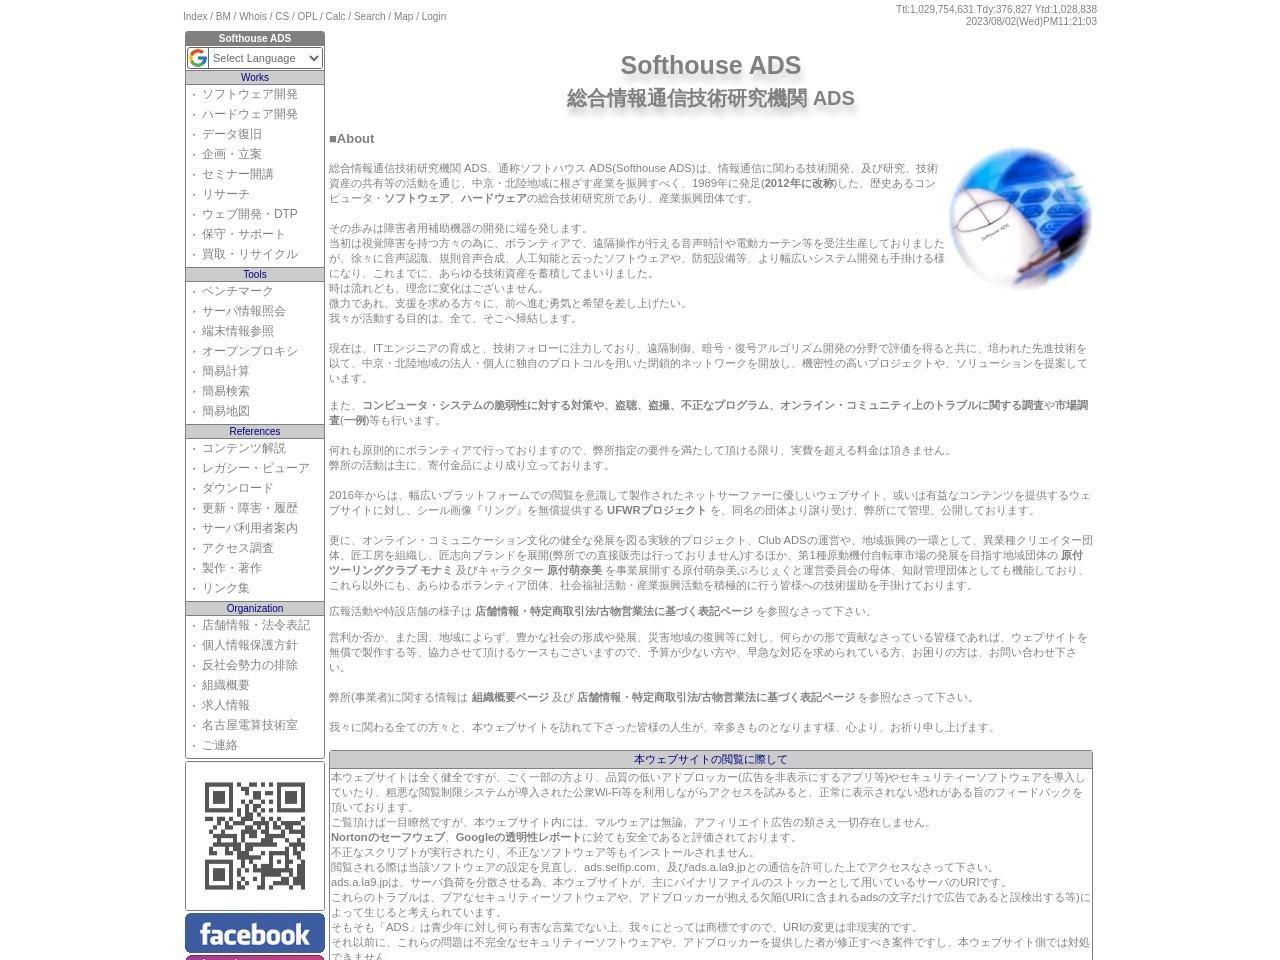 総合情報通信技術研究機関ADS名古屋電算技術室